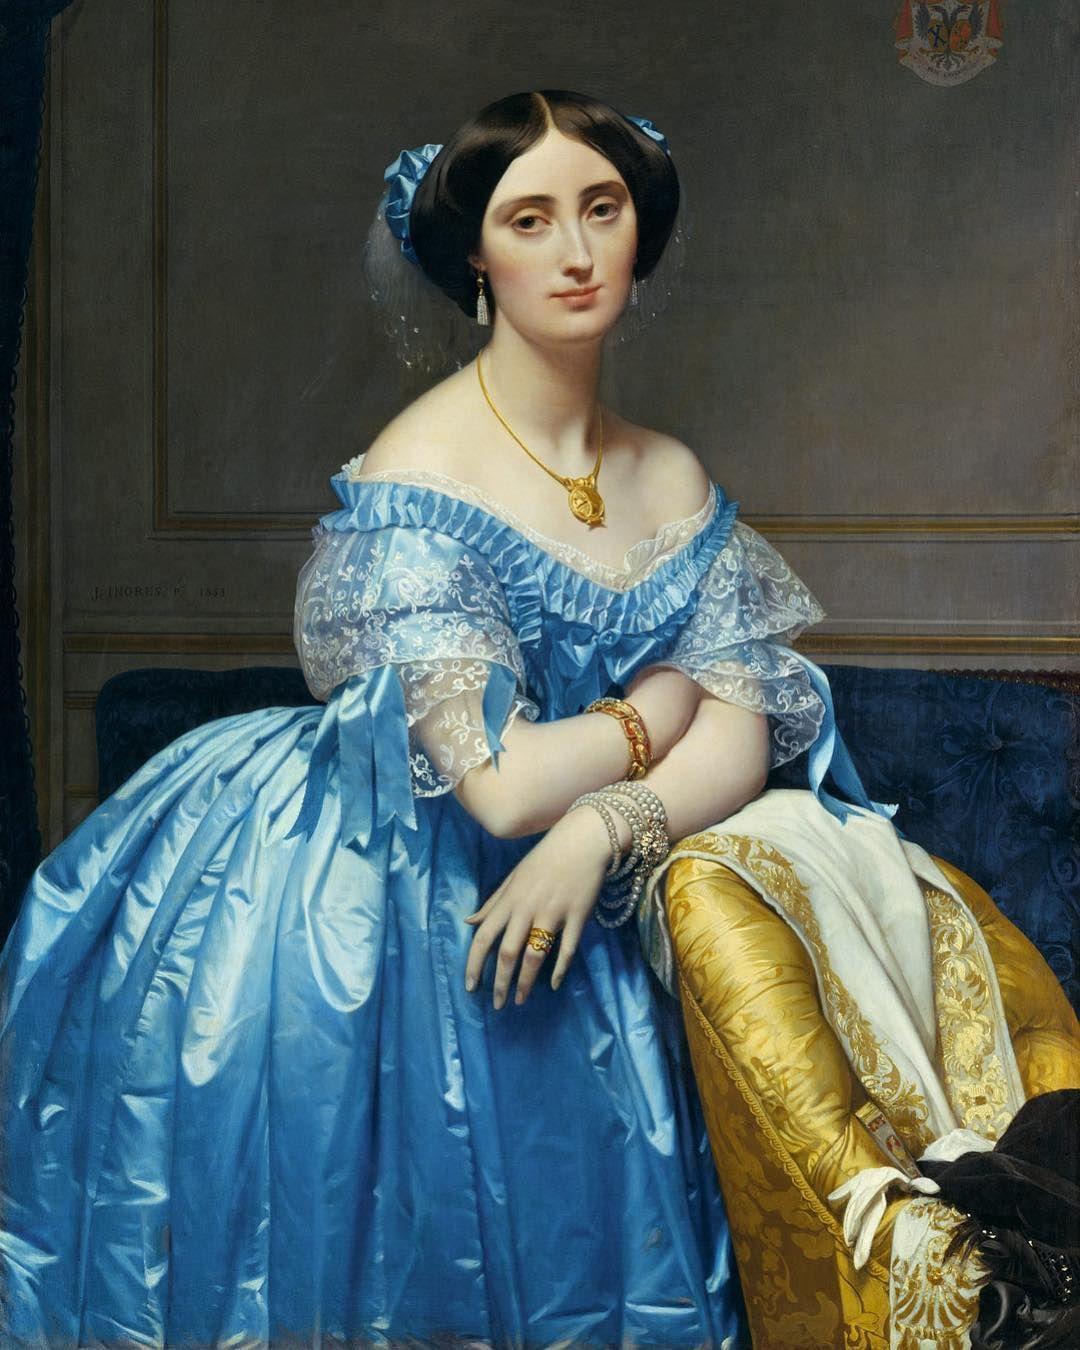 Portrait Of The Princesse De Broglie By French Painter Jean